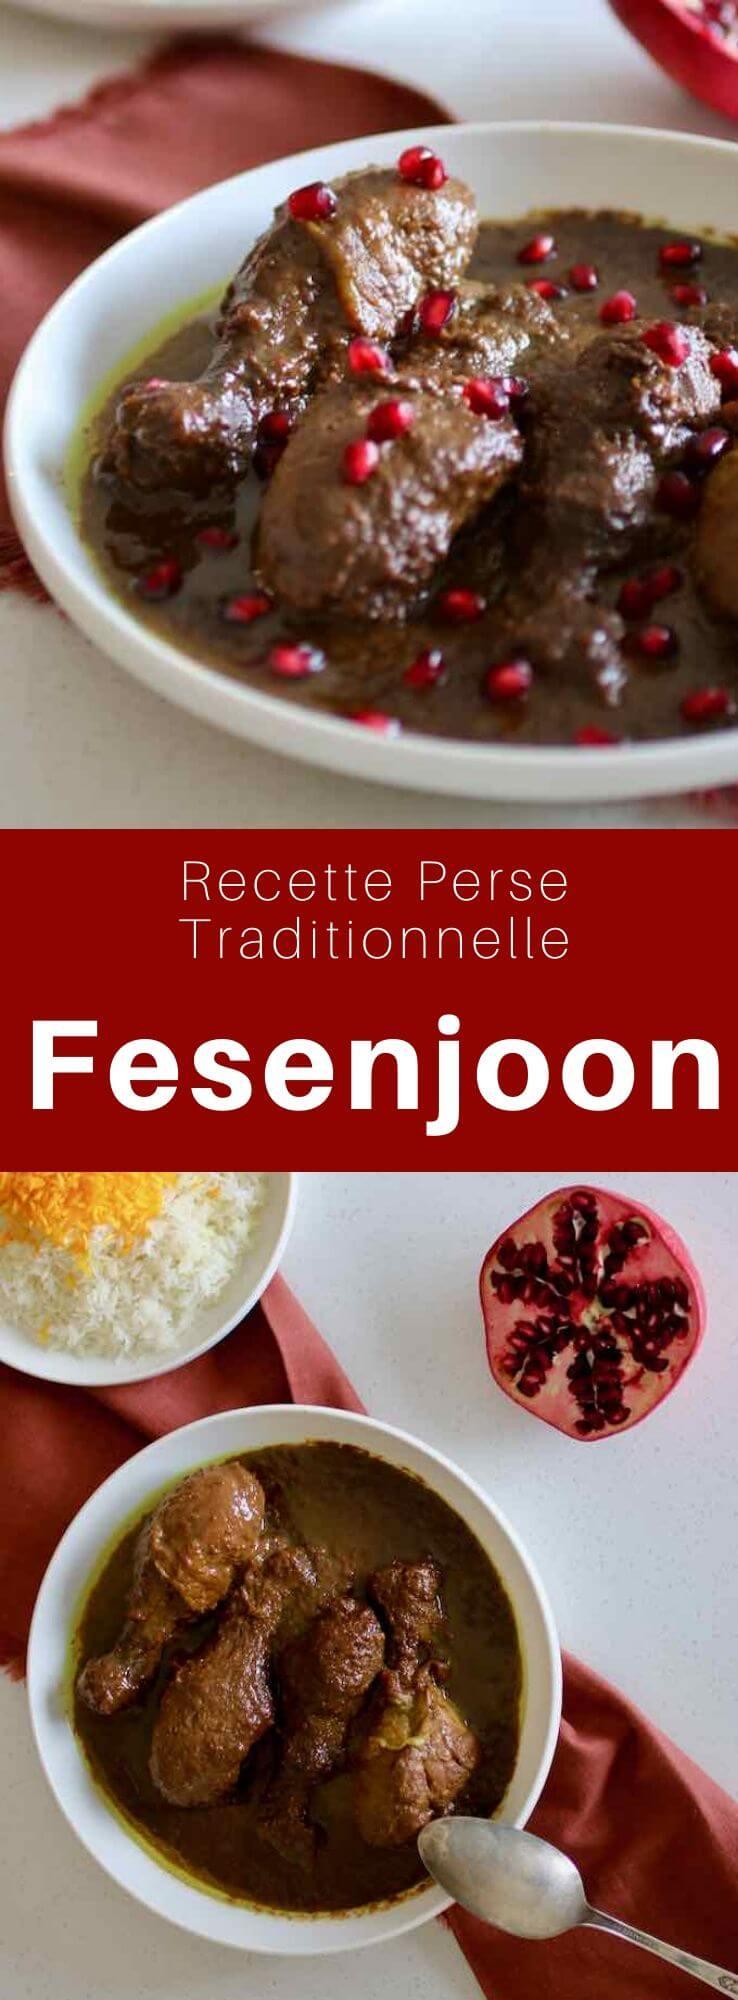 Le khoresh-e fesenjan ou fesenjoon est un des ragoûts de la cuisine iranienne. Poulet, noix et grenade sont les ingrédients phares de ce délicieux plat perse sucré-salé.